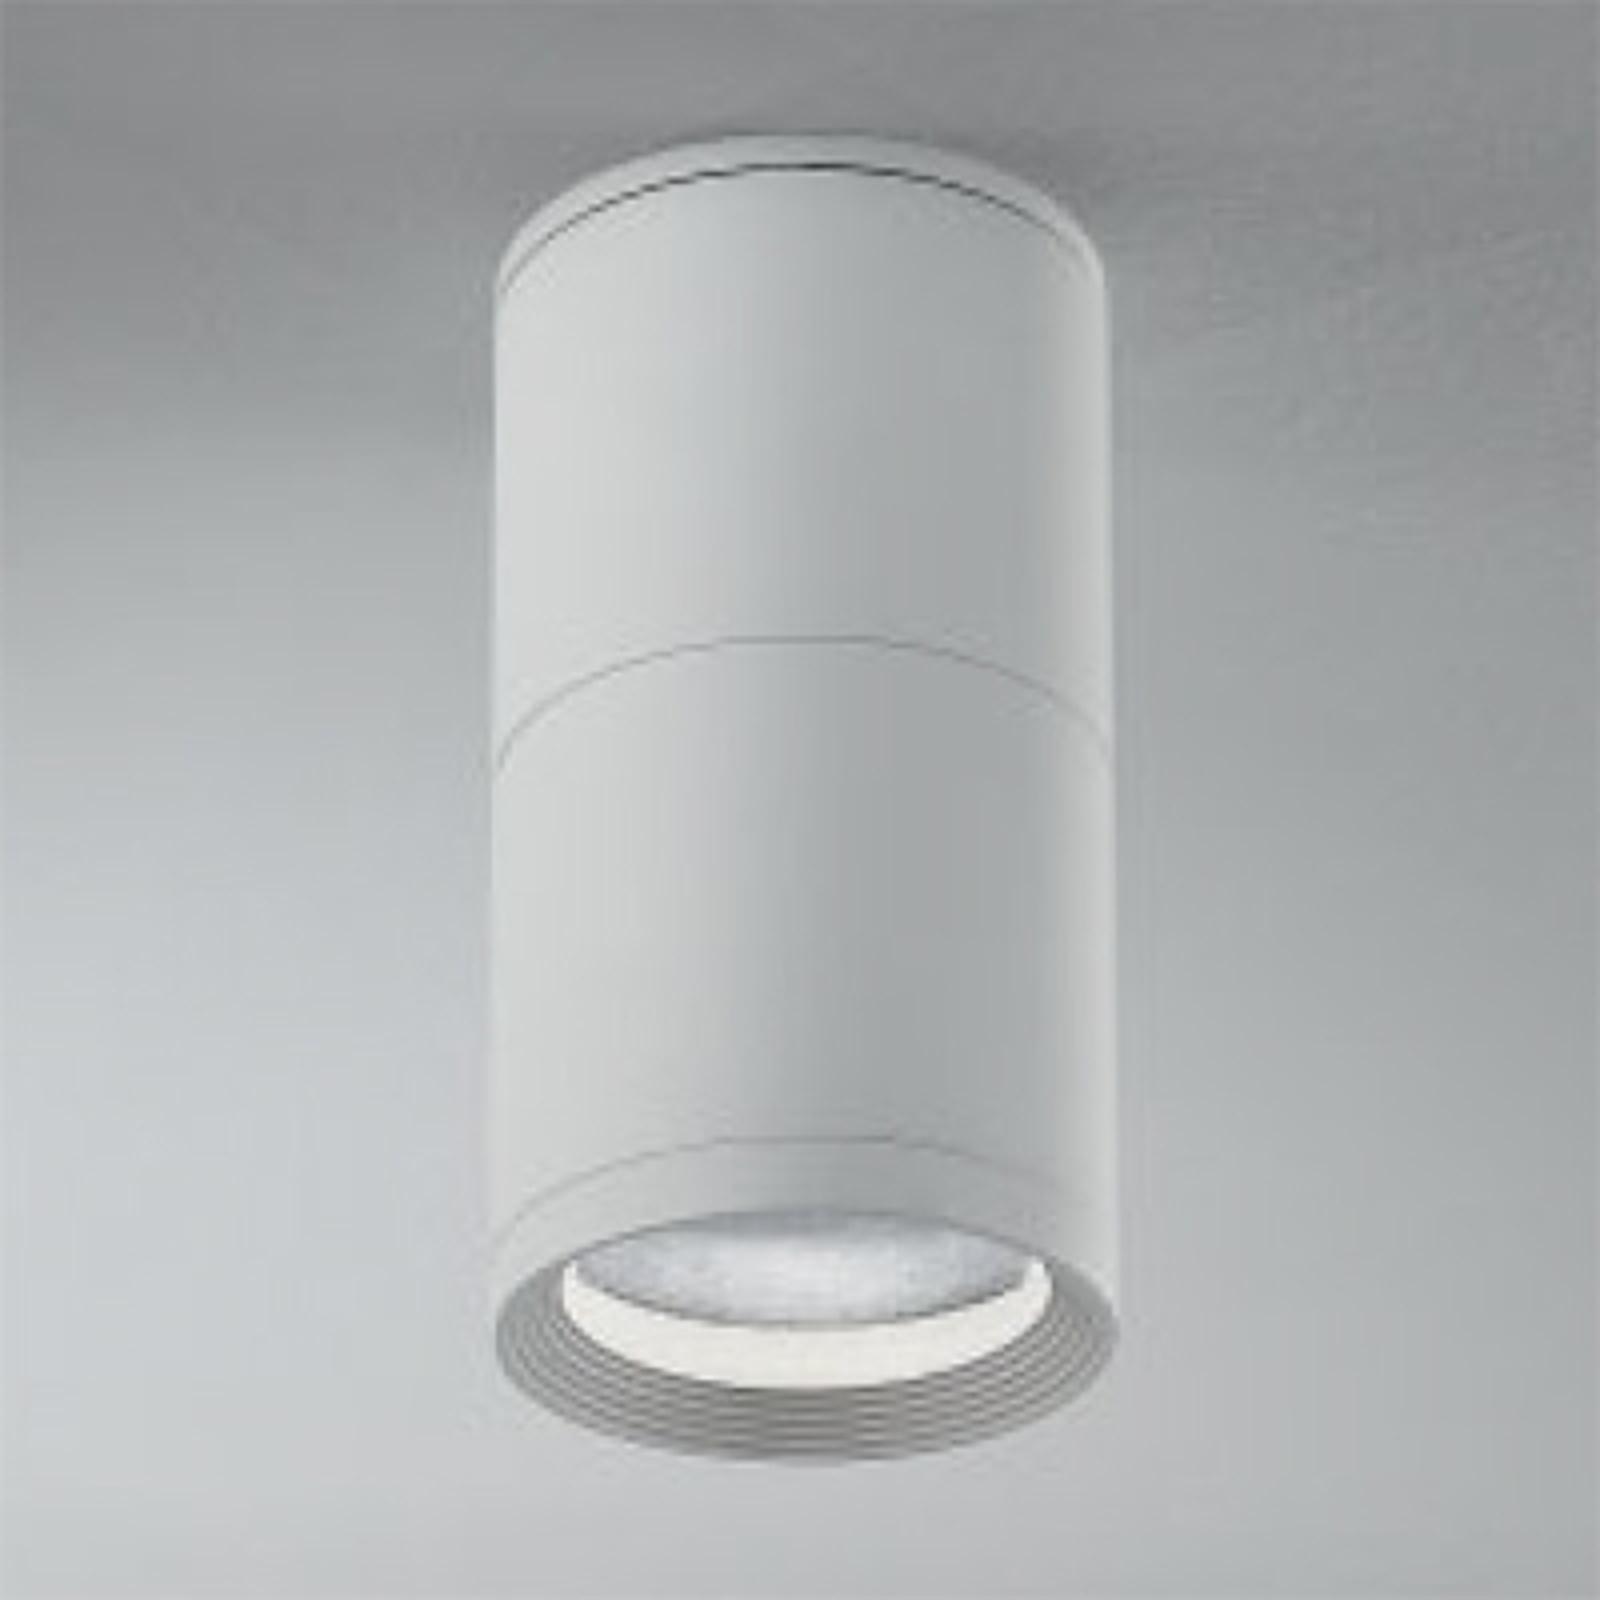 Modern CL 15 ceiling spotlight, white_3023045_1